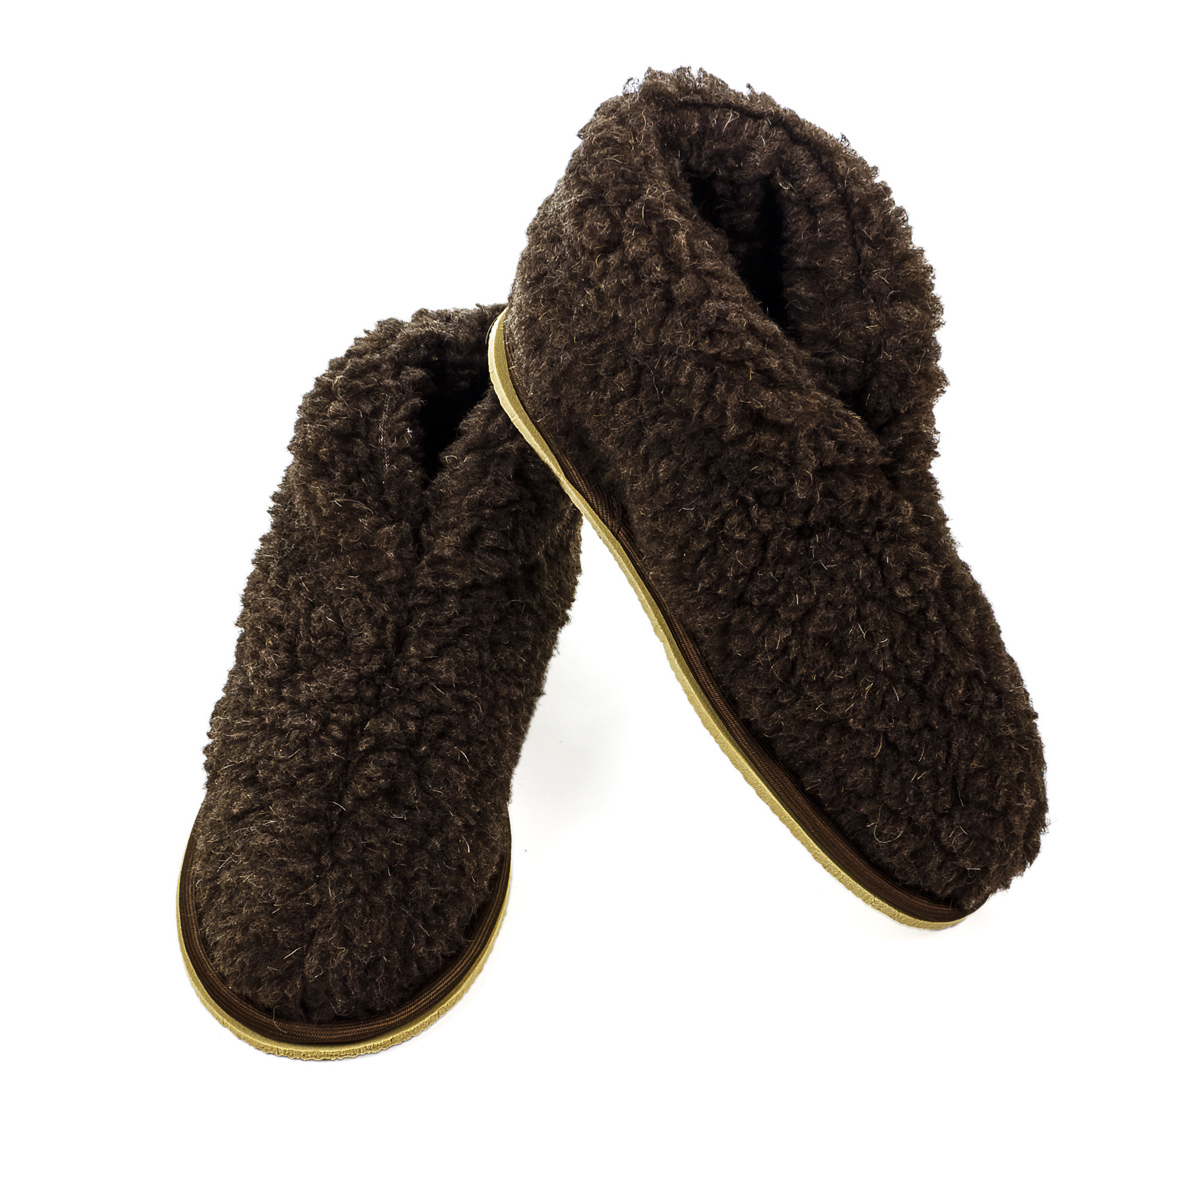 Обувь Бабуши Уют Коричневый р. 42-43Согревающий<br><br><br>Тип: Обувь<br>Размер: 42-43<br>Материал: Овечья шерсть